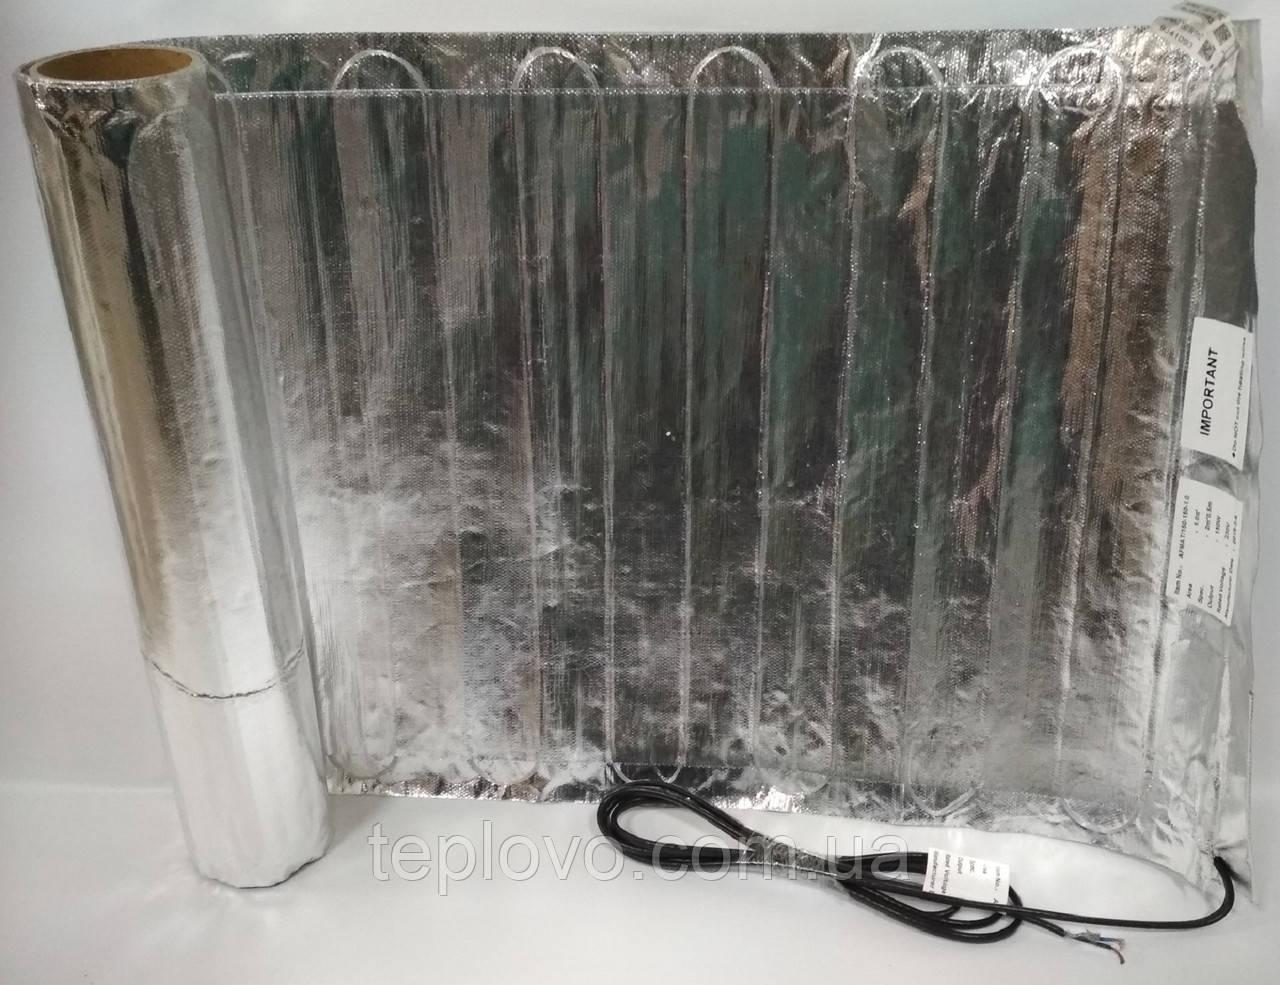 Алюминиевый мат IN-THERM AFMAT 4,5 м2 (675 Вт), теплый пол под ламинат